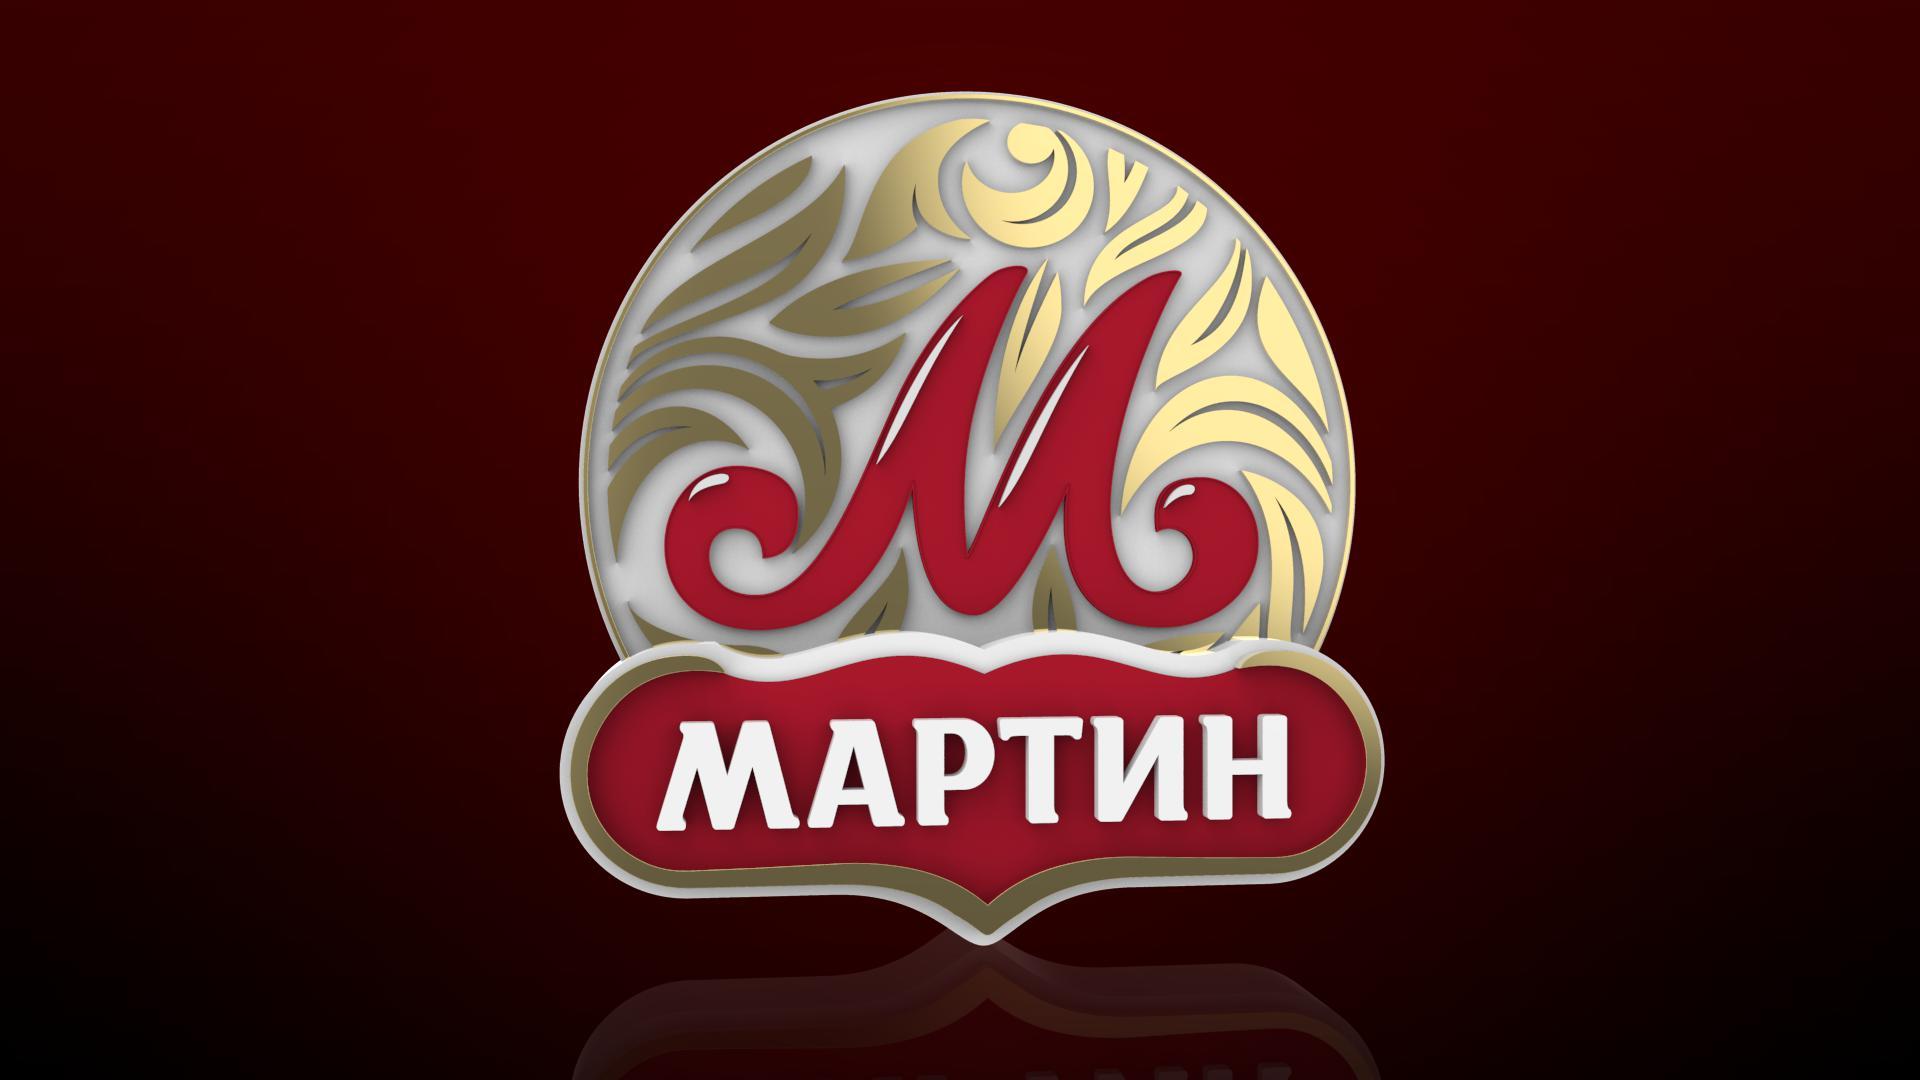 Мартин логотип